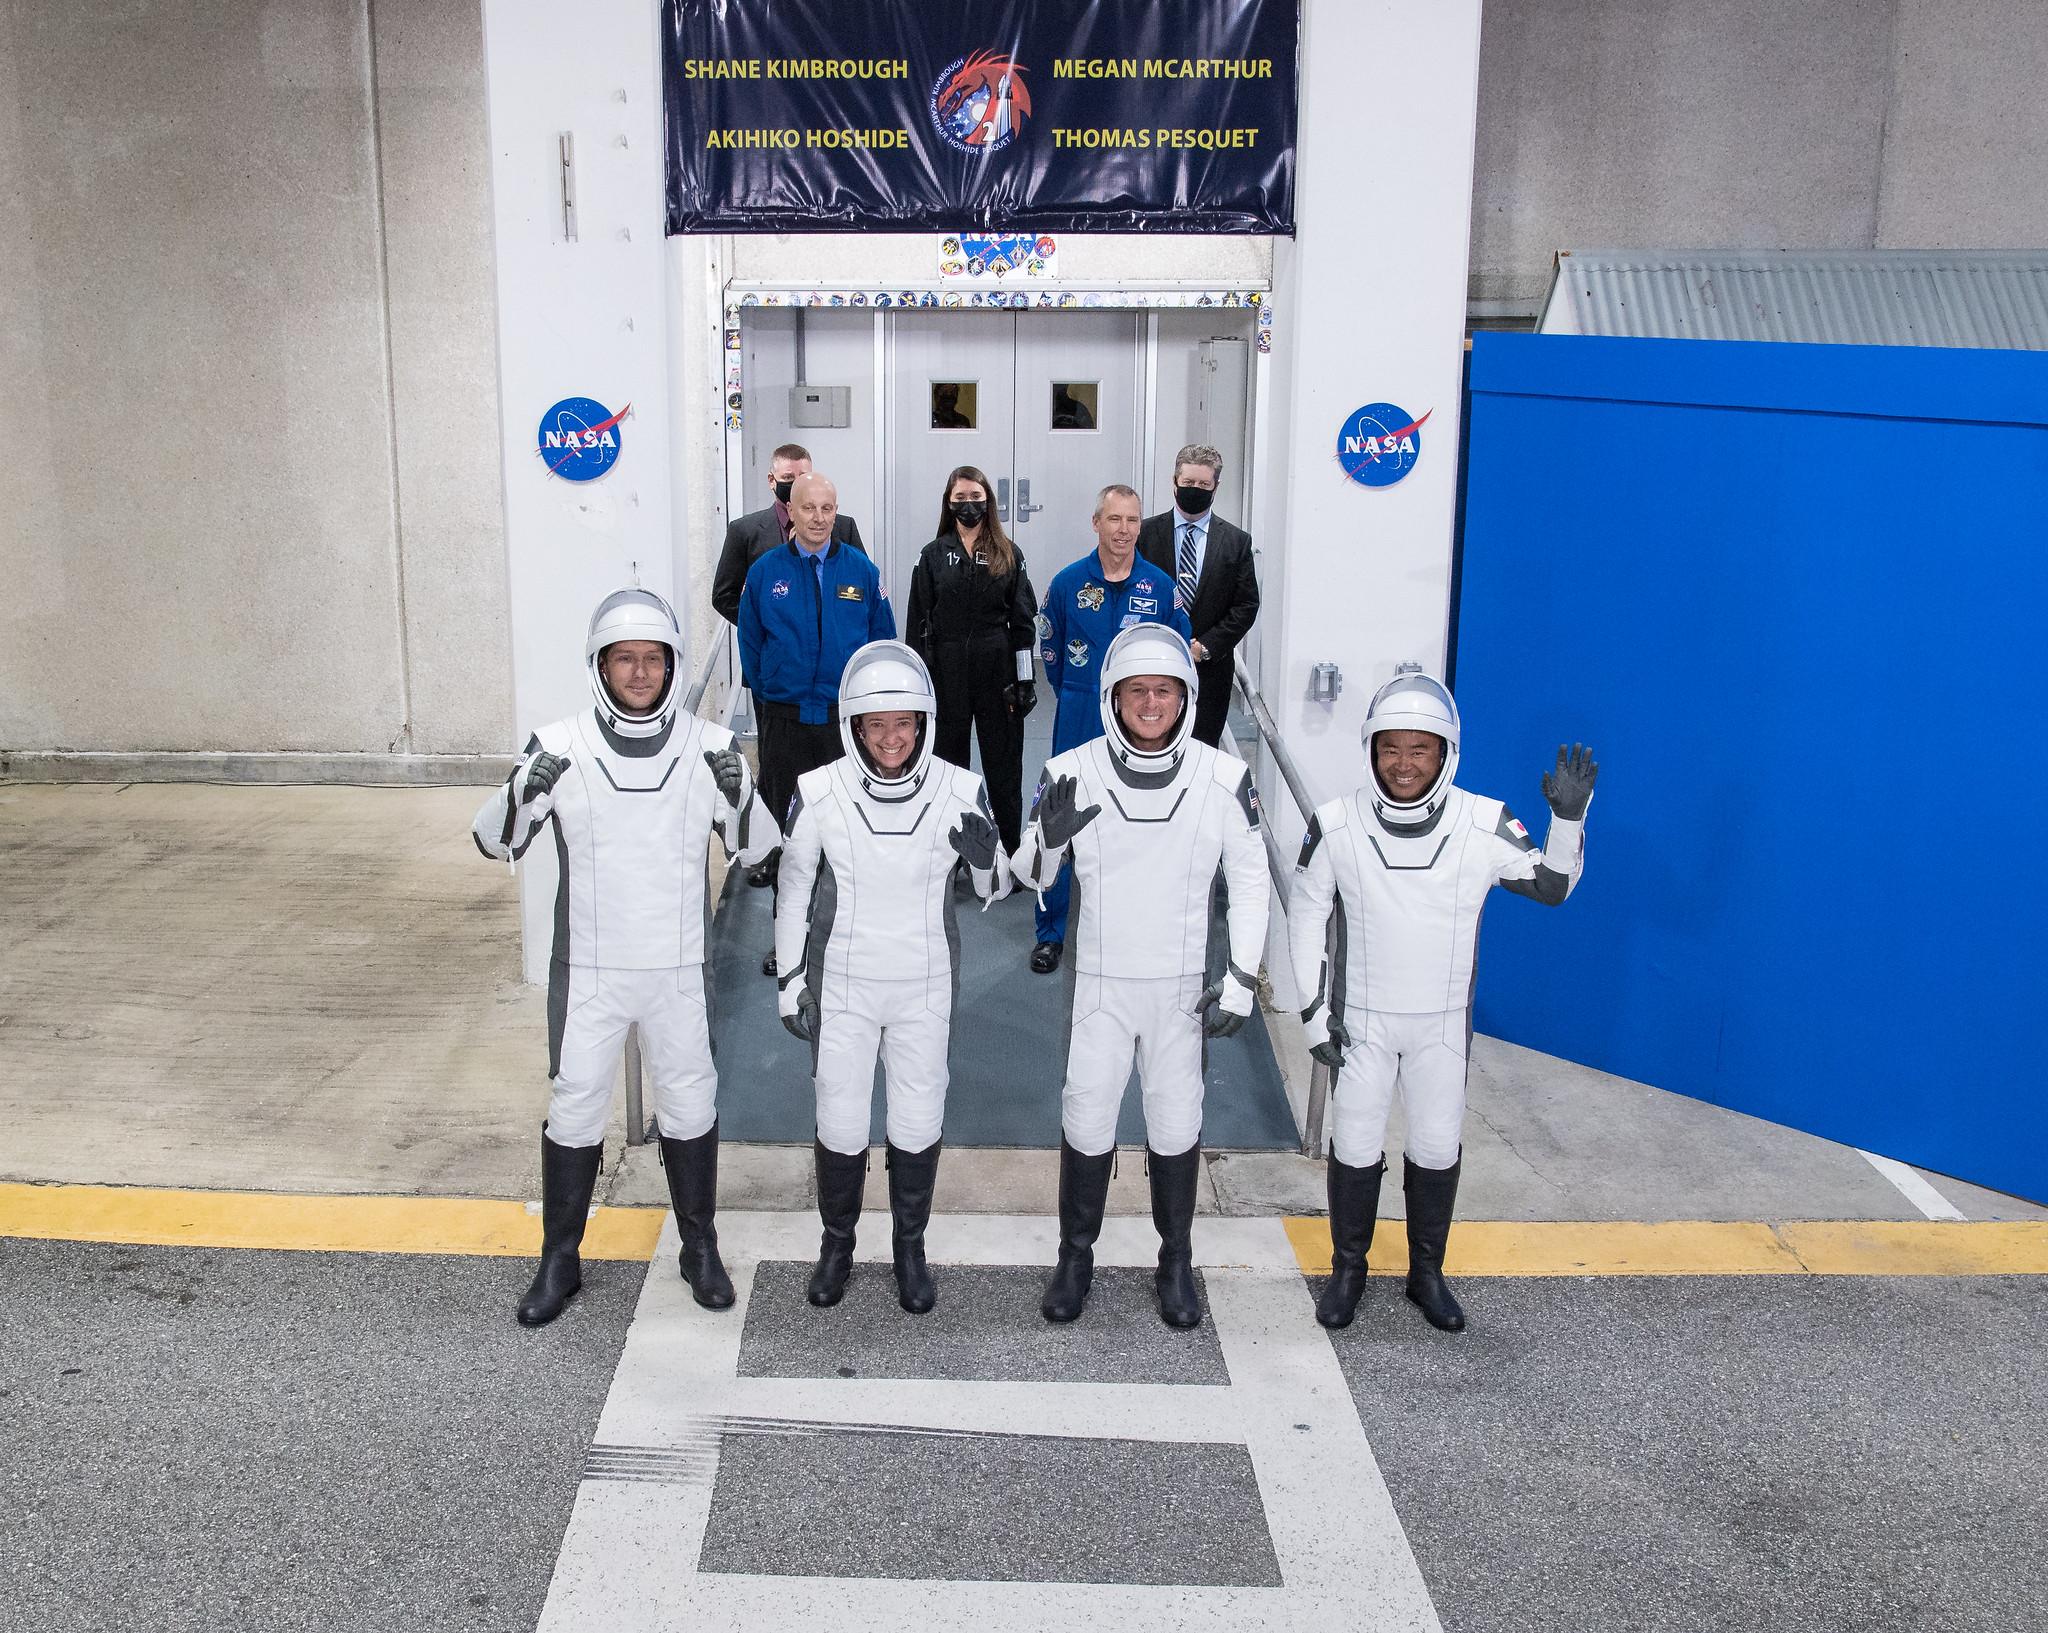 Les astronautes de l'équipage 2 sortent avant le lancement le 23 avril 2021.